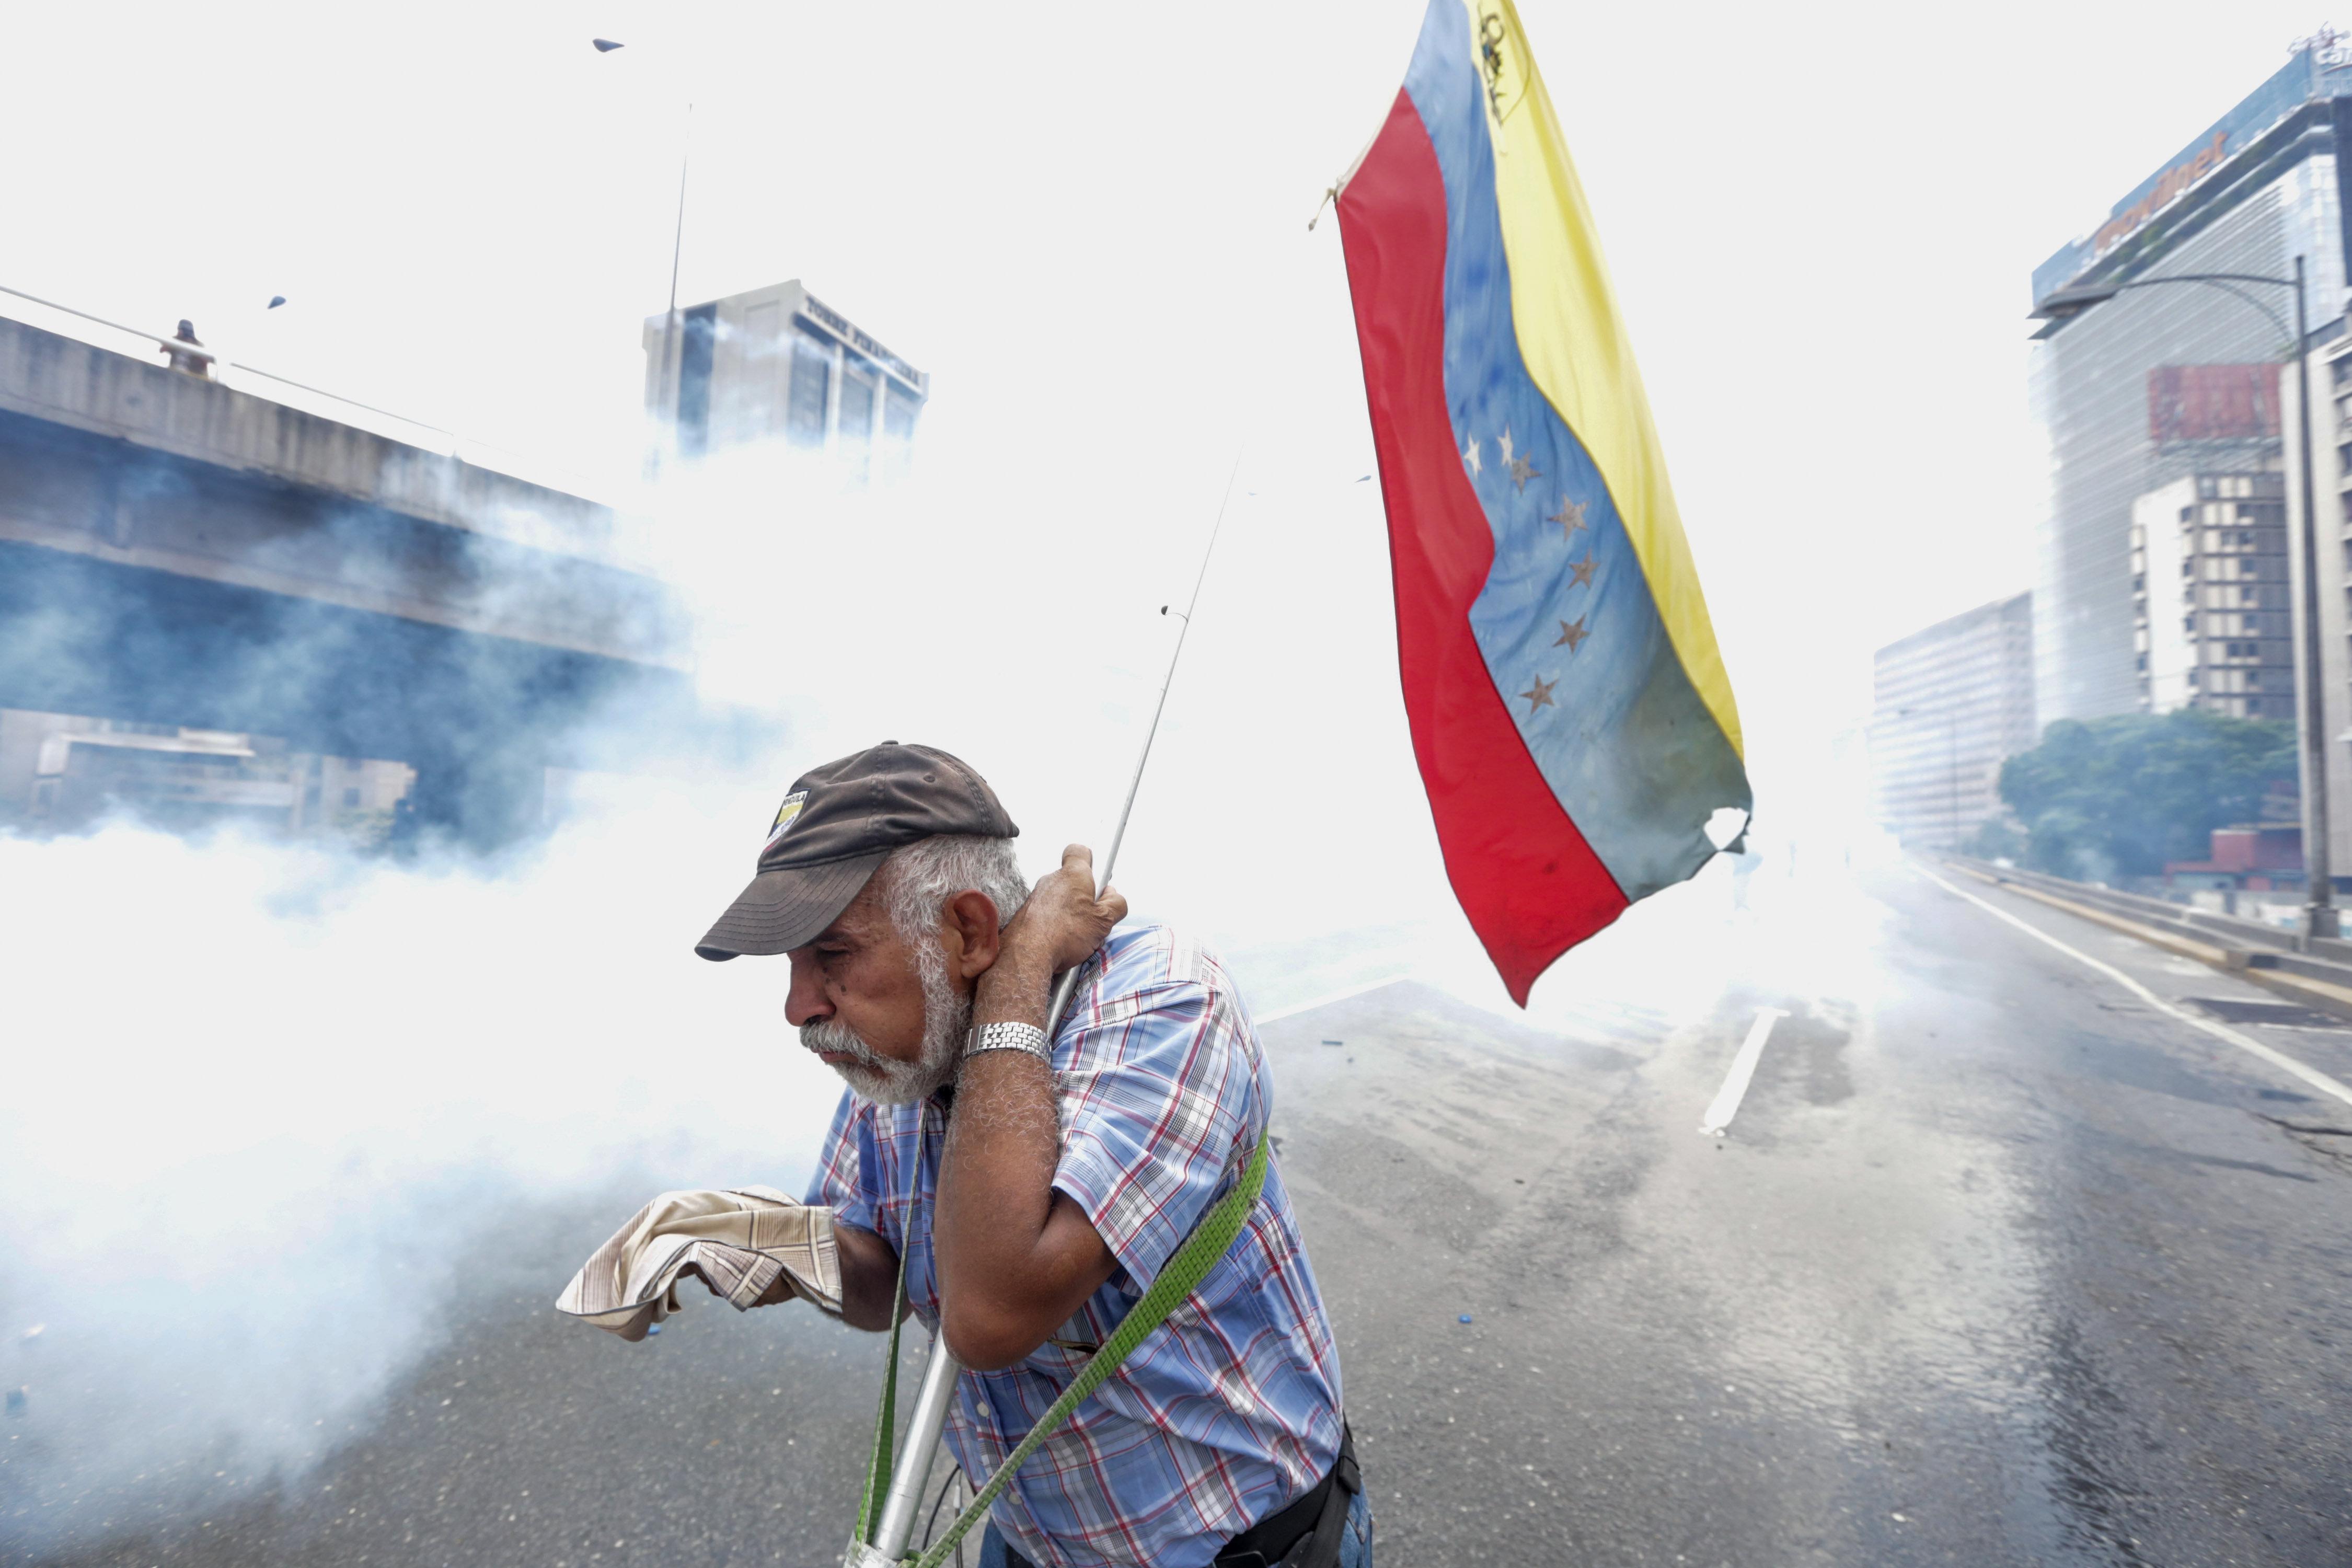 CAR216. CARACAS (VENEZUELA), 19/04/2017 - Un hombre se protege de los gases lacrimógenos durante una protesta contra el Gobierno venezolano hoy, miércoles 19 de abril de 2017, en Caracas (Venezuela). Centenares de opositores en distintos puntos de caracas se enfrentaron hoy a los cuerpos de seguridad para mantenerse en las calles protestando, pese al uso de bombas lacrimógenas por parte de las fuerzas policiales para dispersar y bloquear el paso de las marchas. EFE/CRISTIAN HERNANDEZ